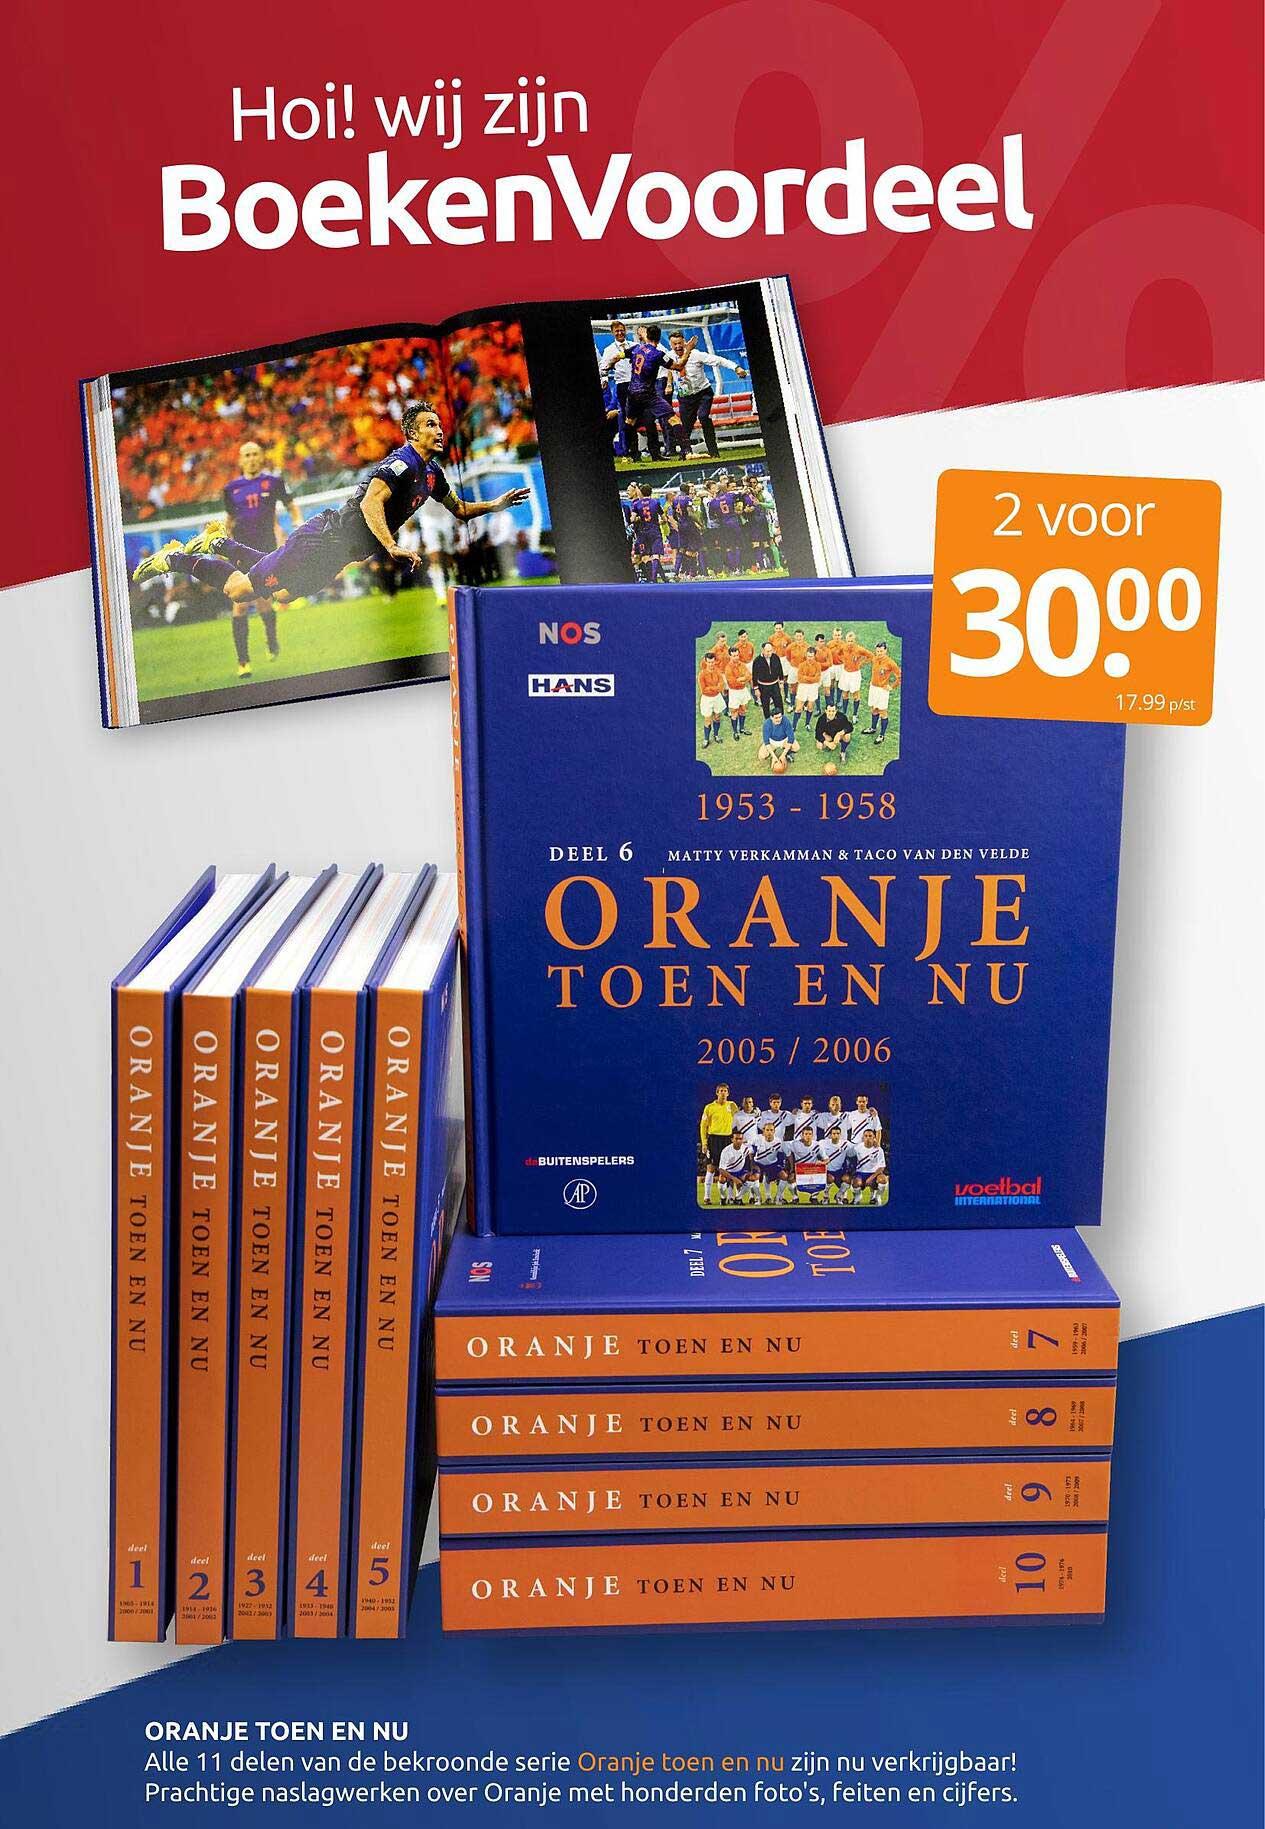 BoekenVoordeel Oranje Toen En Nu